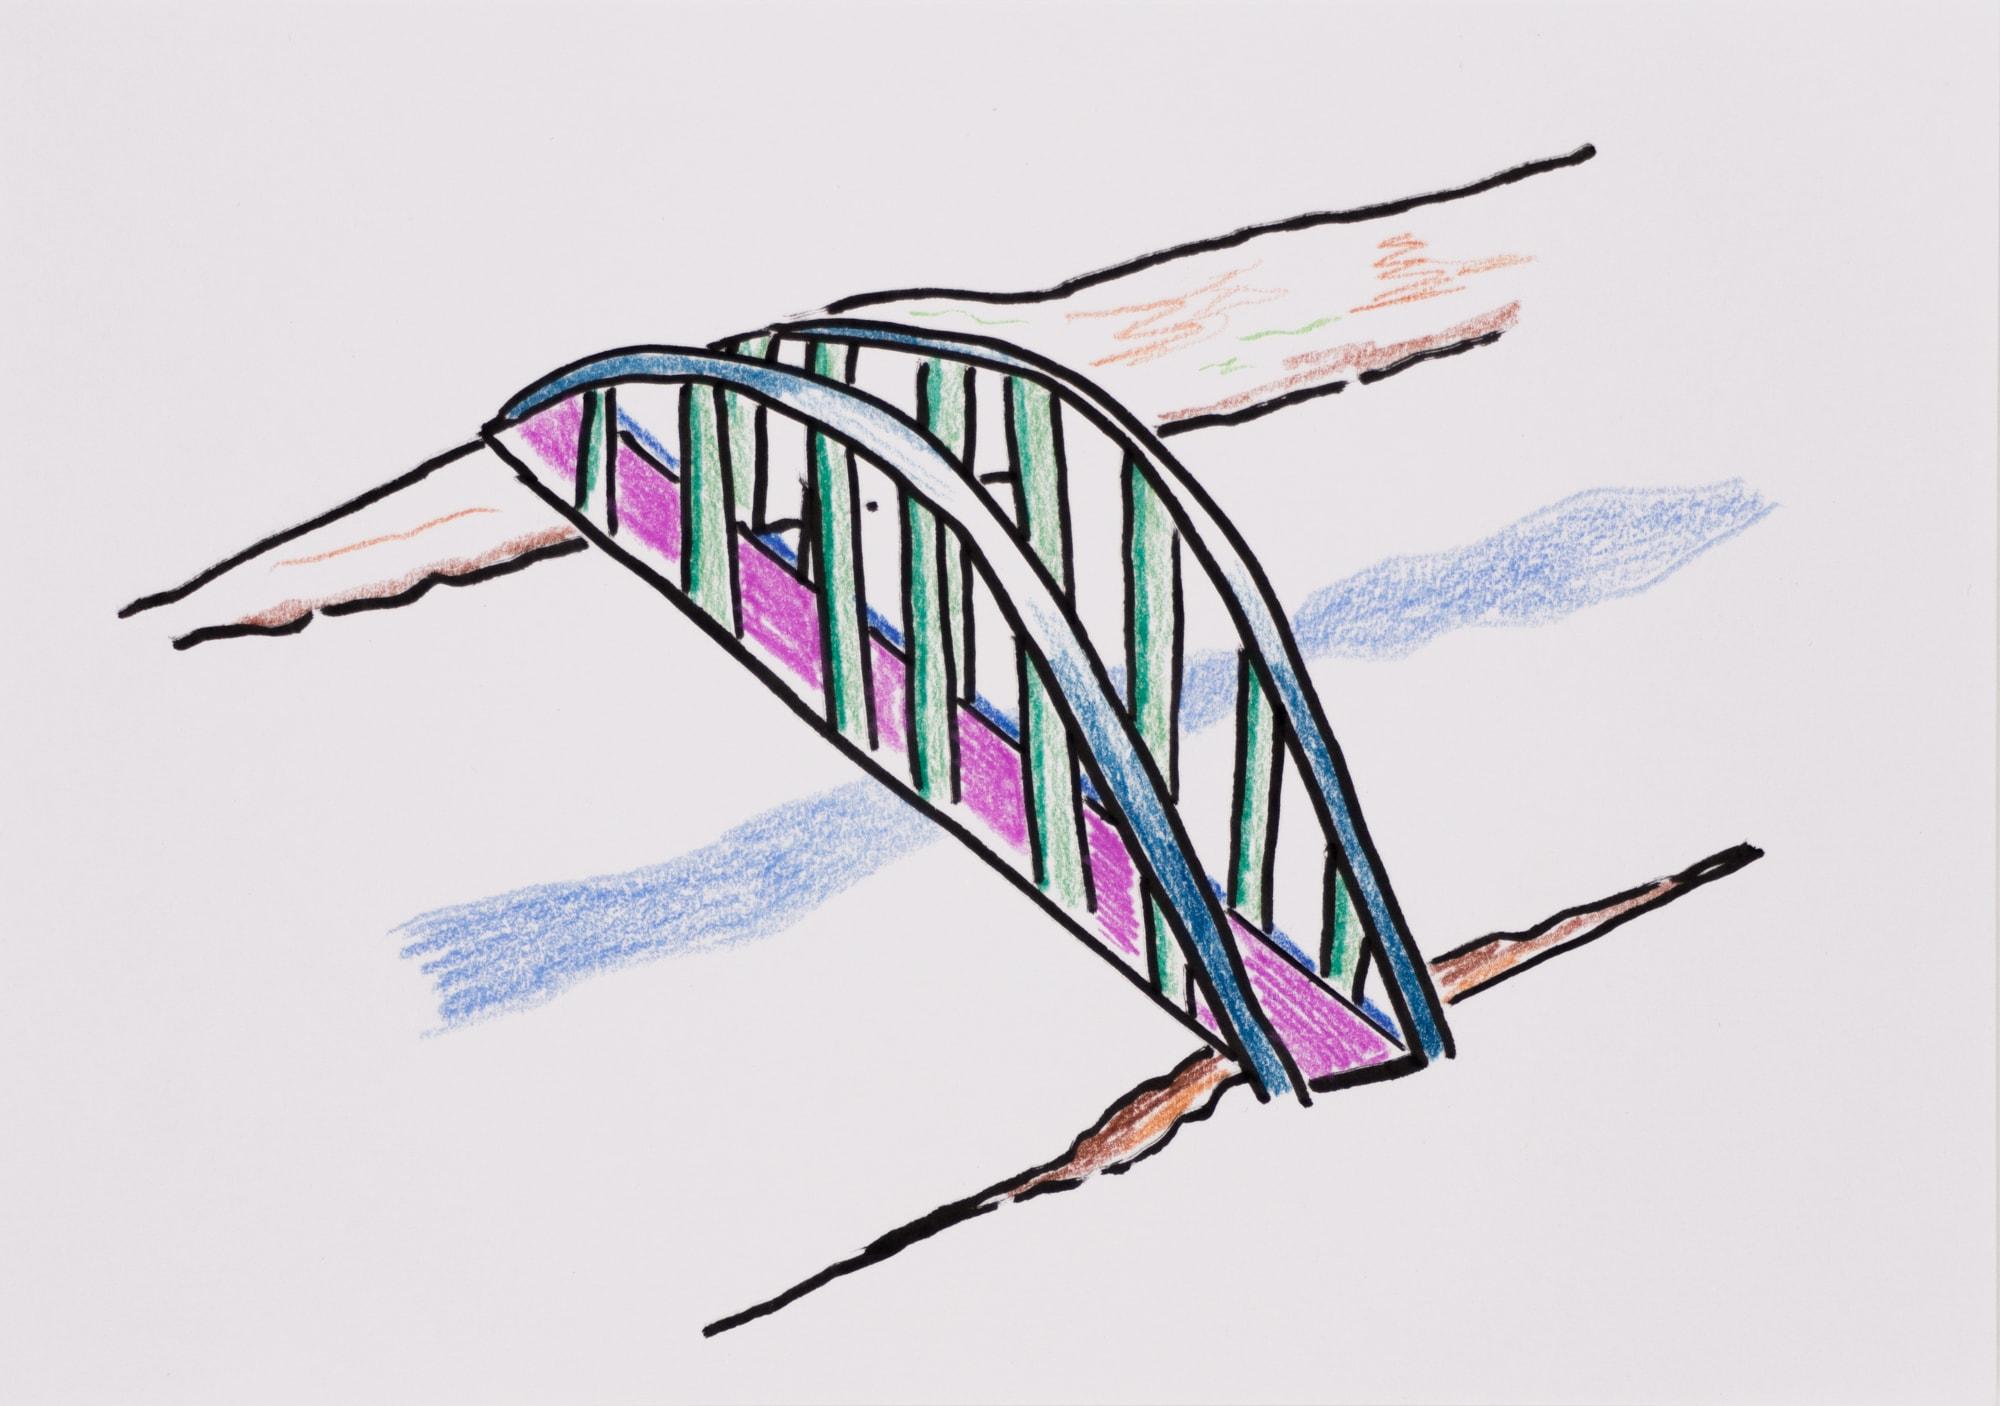 Zeichnung, Farbstift und Tusche auf Papier, 20,8x14,8cm, Brücke über Fluss, Künstlerin: Franziska King